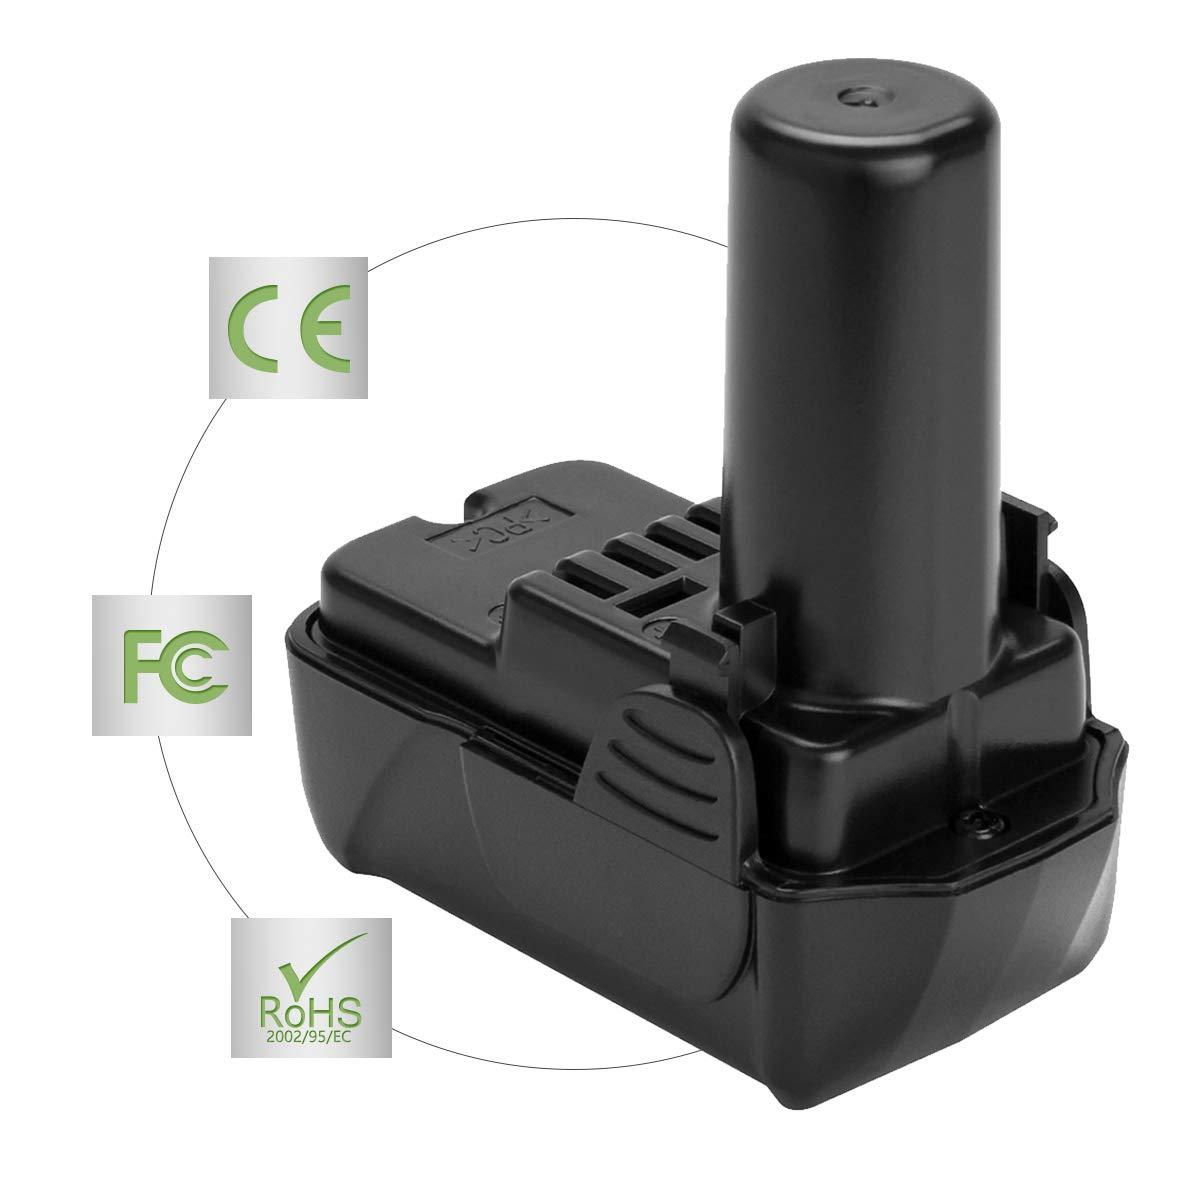 Joiry 10.8V 2500mAh Li-ion Replacement Batterie pour HITACHI 329369 329370 329371 329389 331065 BCL1015